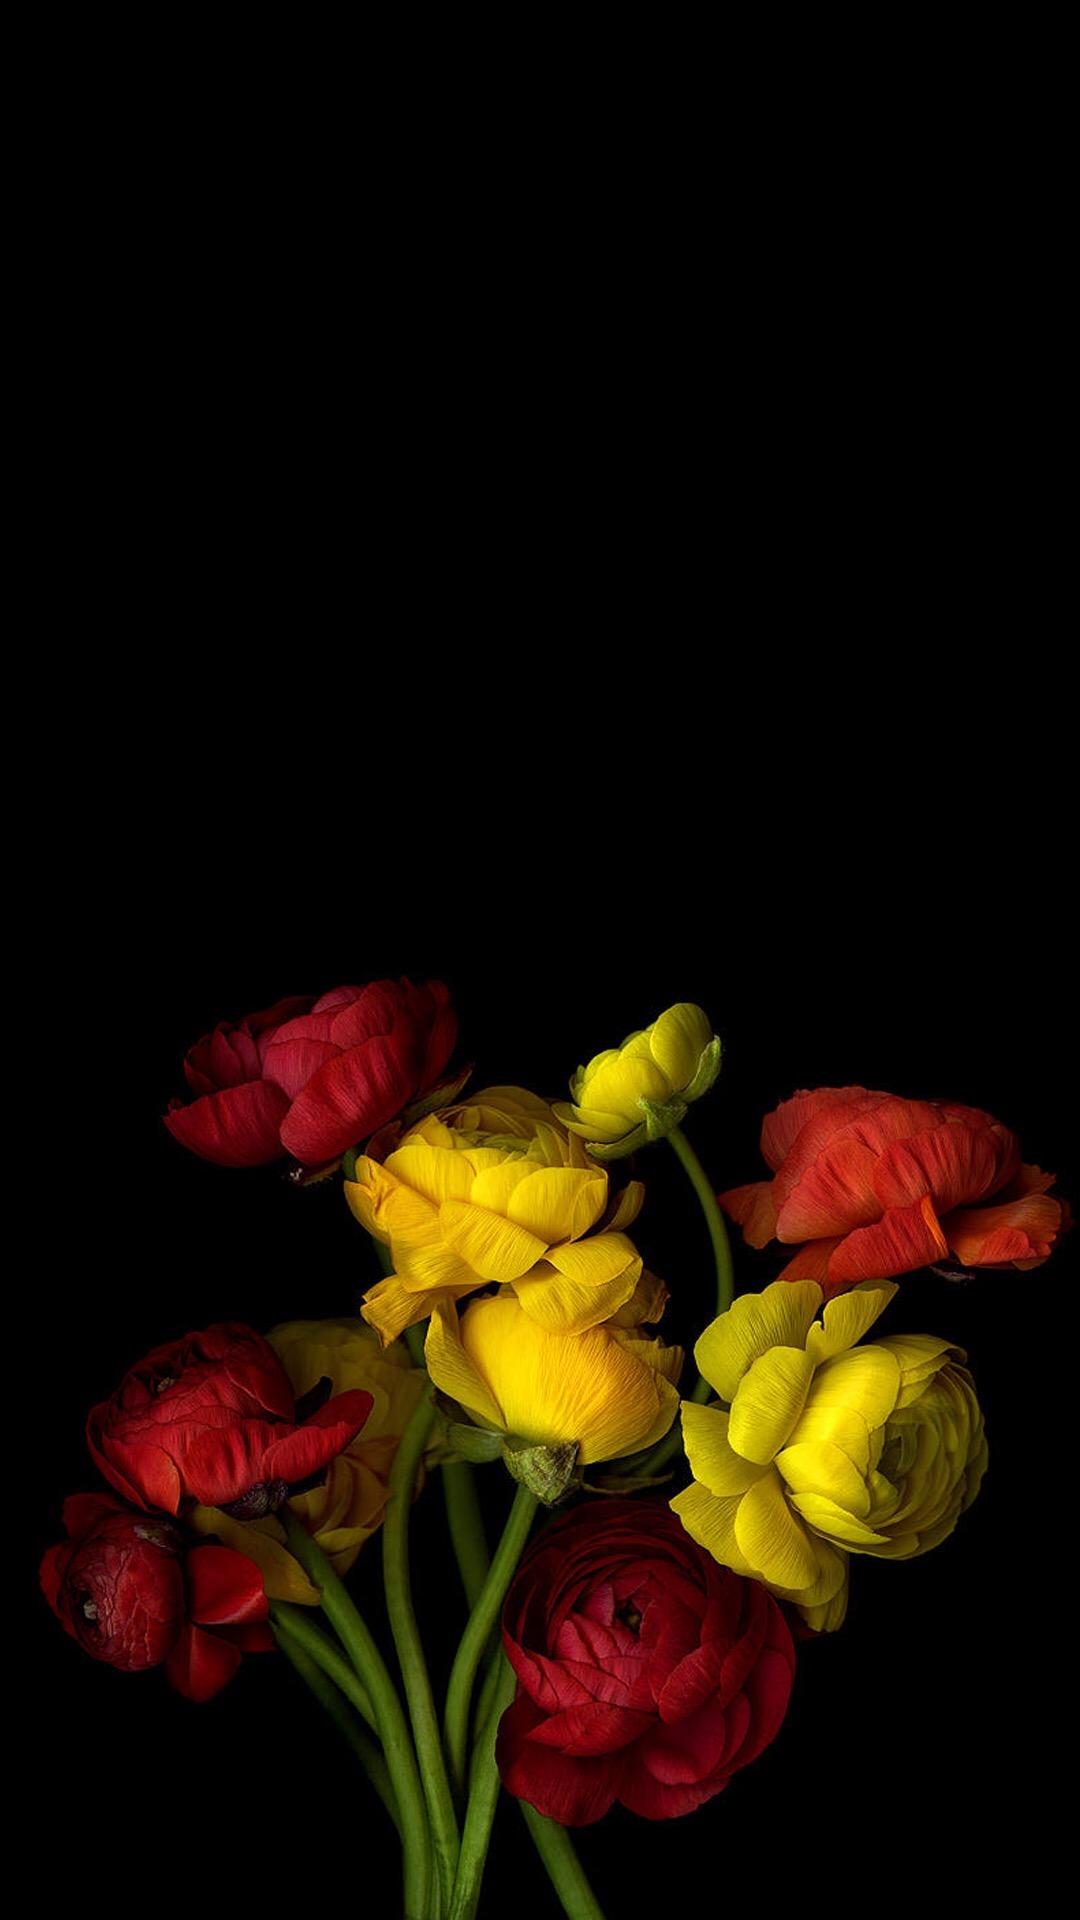 彩色 金魚 水族 蘋果手機高清壁紙 1080x1920 - 錢柜